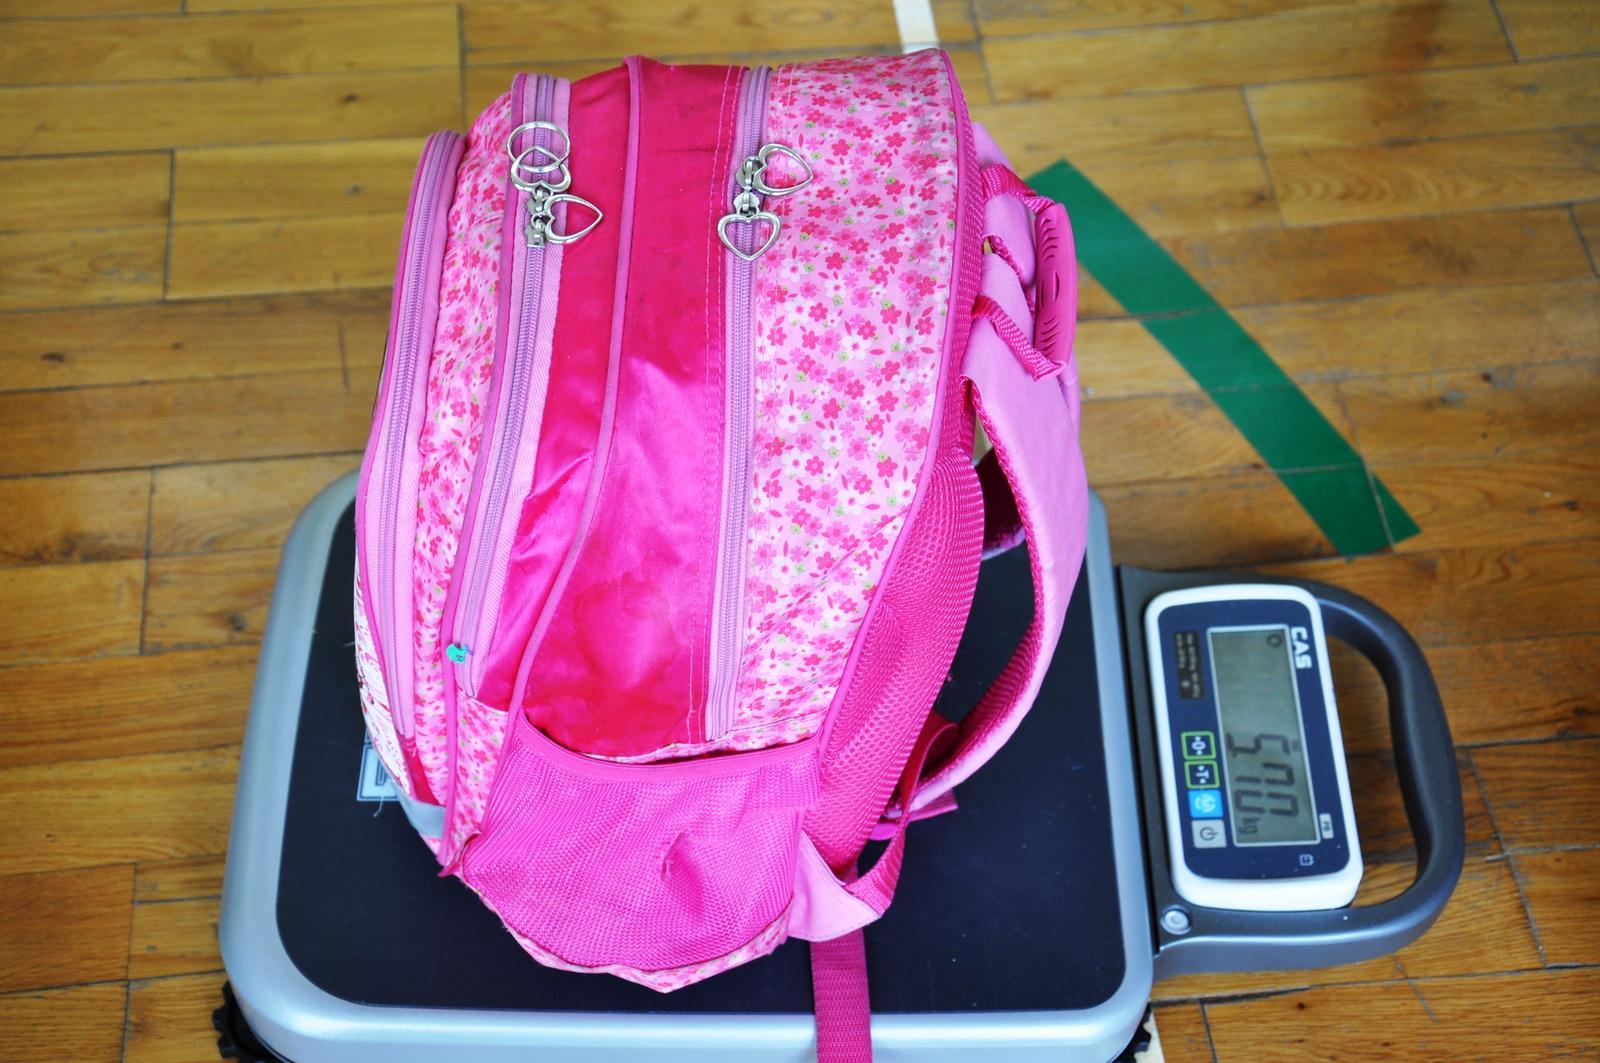 371b4c4b6c10d Ile ważą szkolne plecaki  Akcja Lekki tornister - Puls Medycyny ...